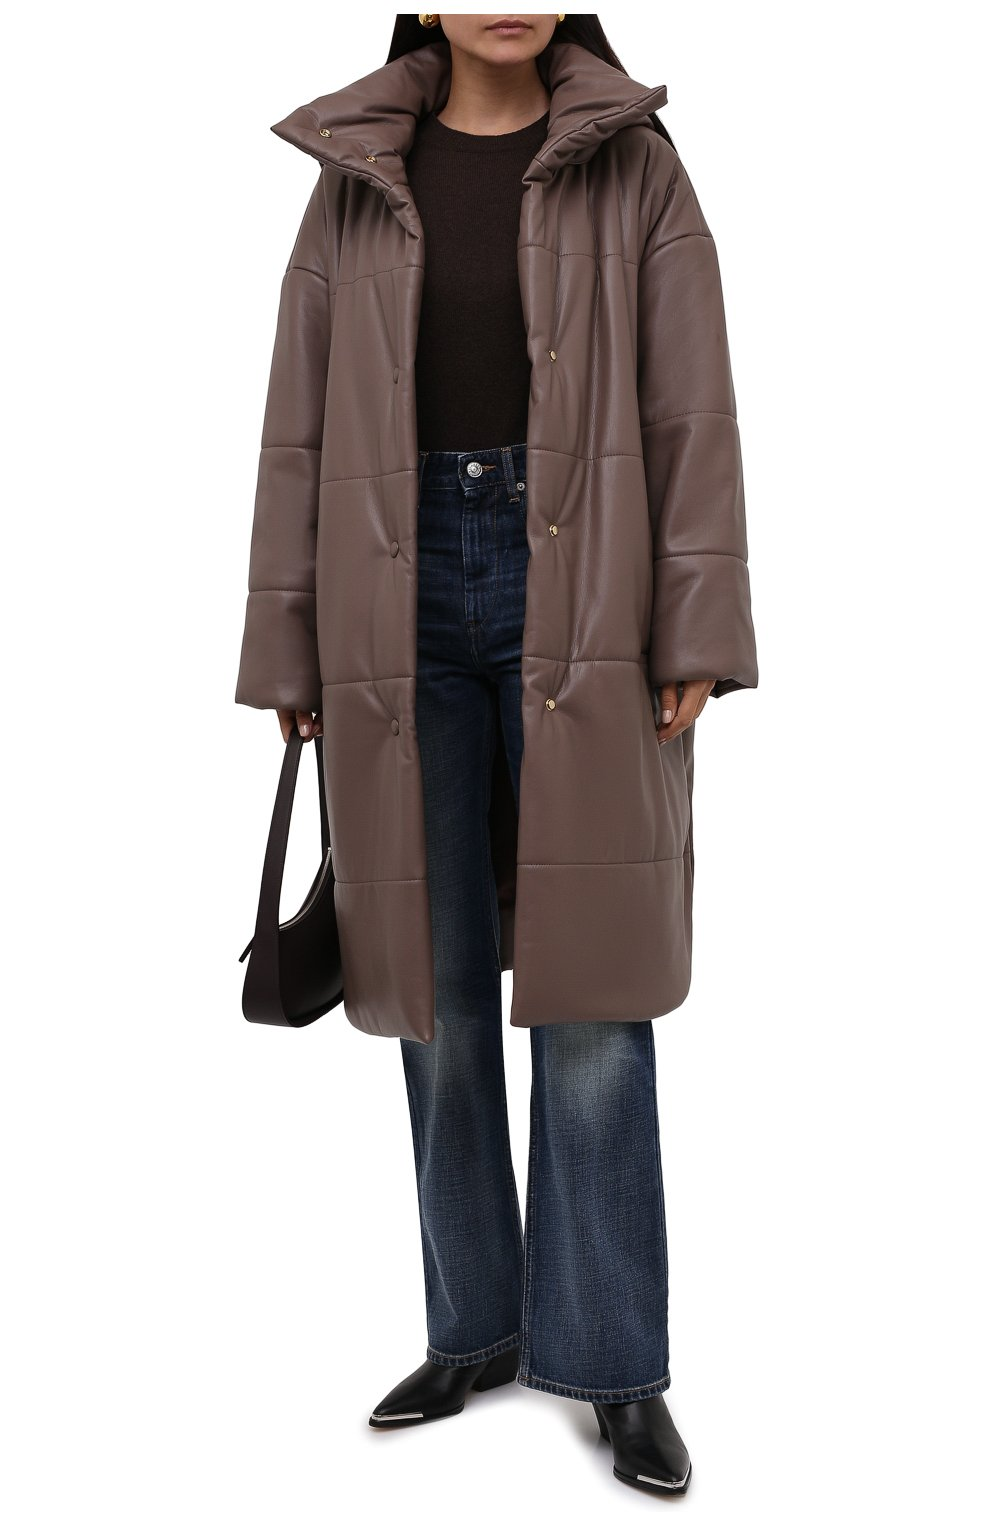 Женская утепленная куртка из экокожи NANUSHKA коричневого цвета, арт. NW21PF0W00995   Фото 2 (Кросс-КТ: Куртка; Рукава: Длинные; Стили: Гламурный; Длина (верхняя одежда): До колена; Материал внешний: Синтетический материал; Материал подклада: Вискоза)